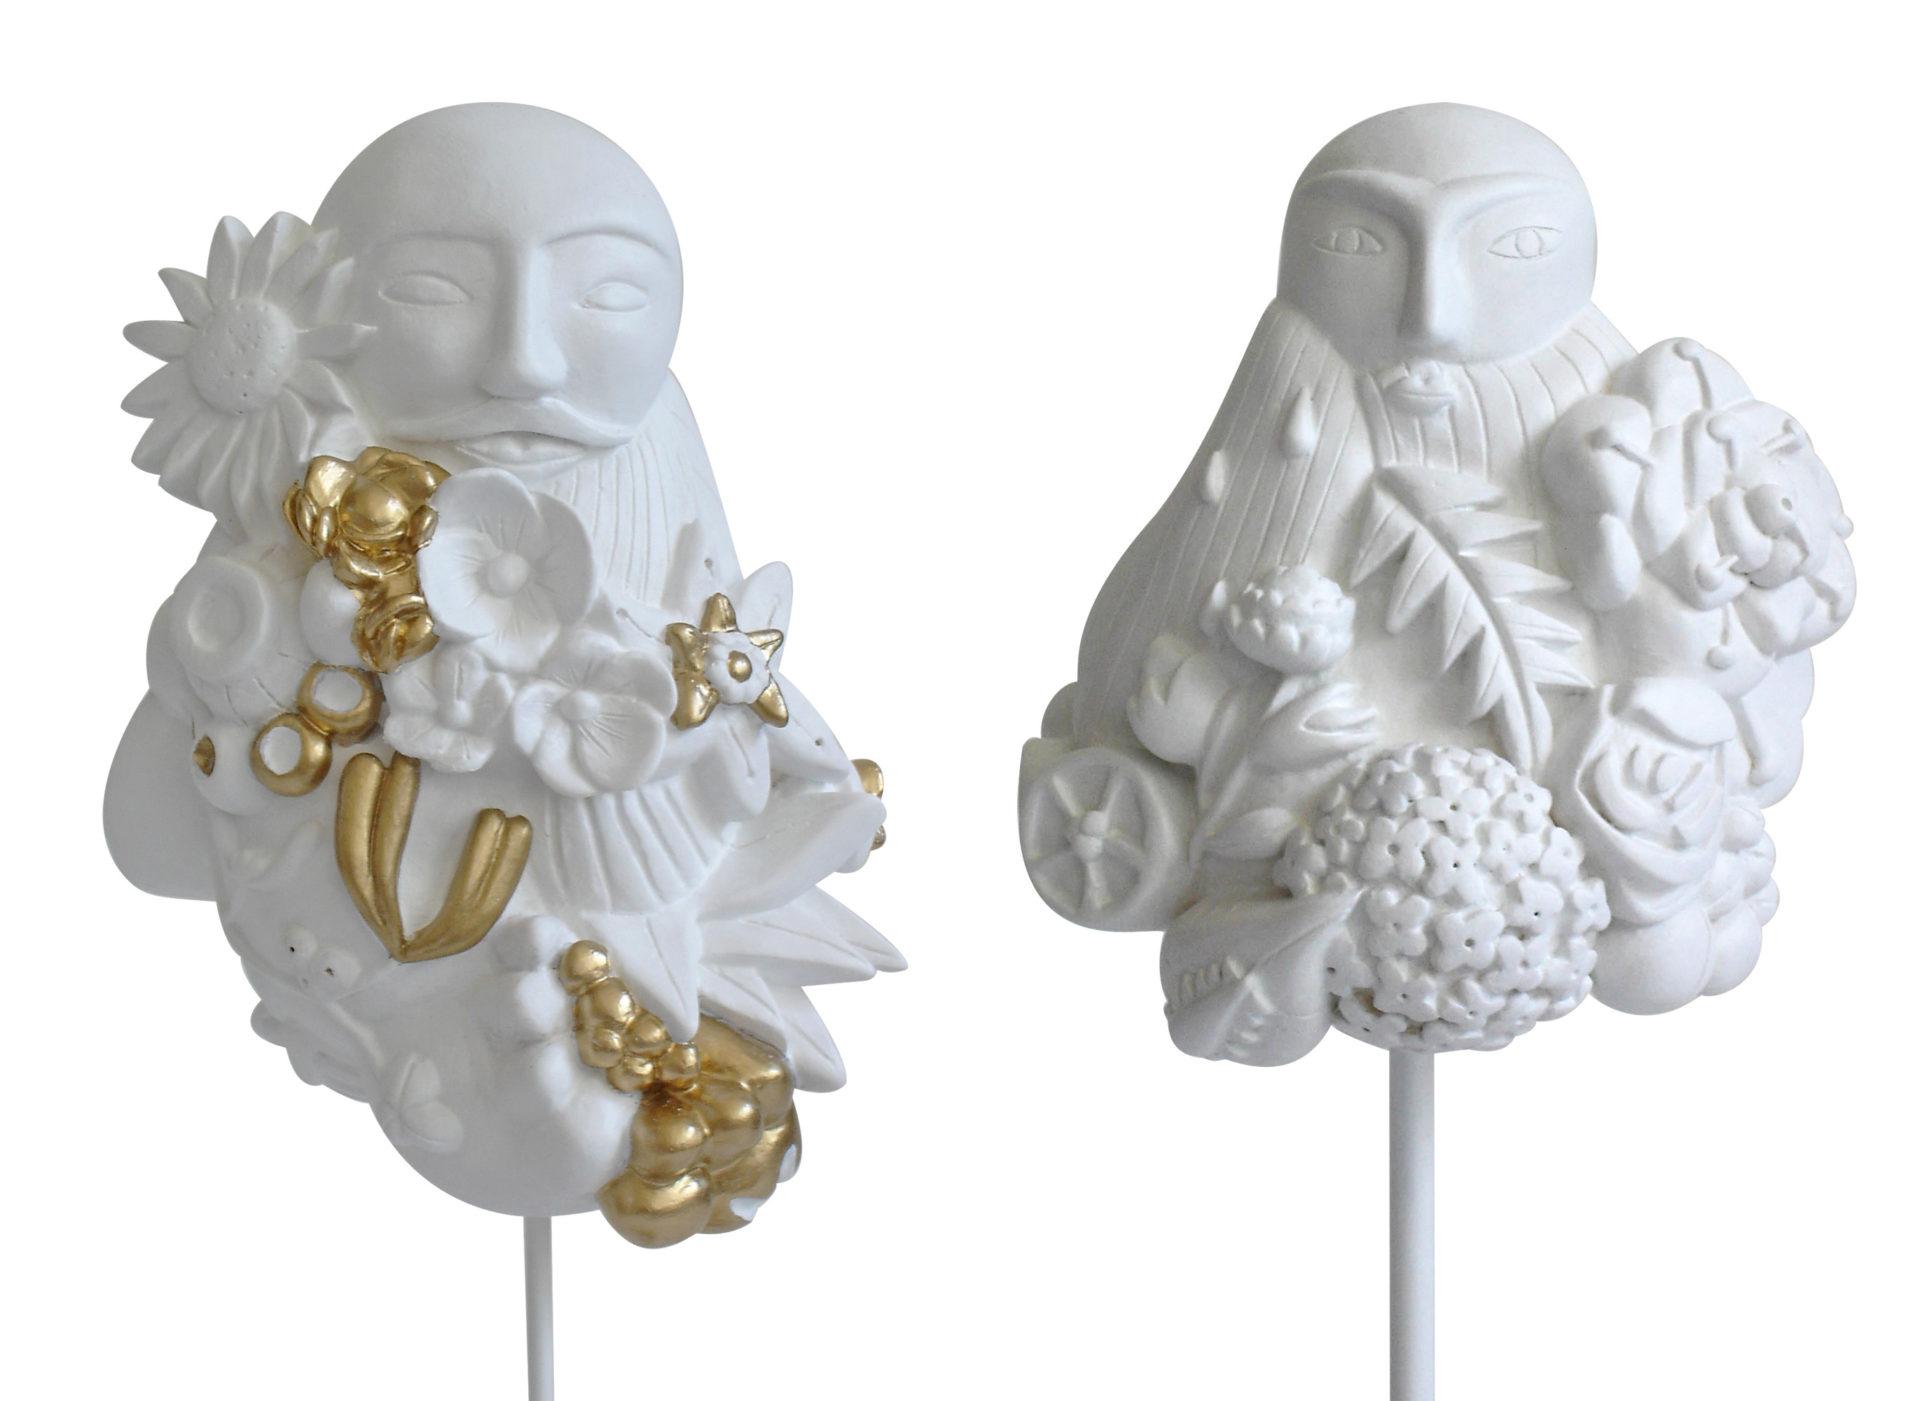 sculptures contemporaines personnages buste homme plâtre